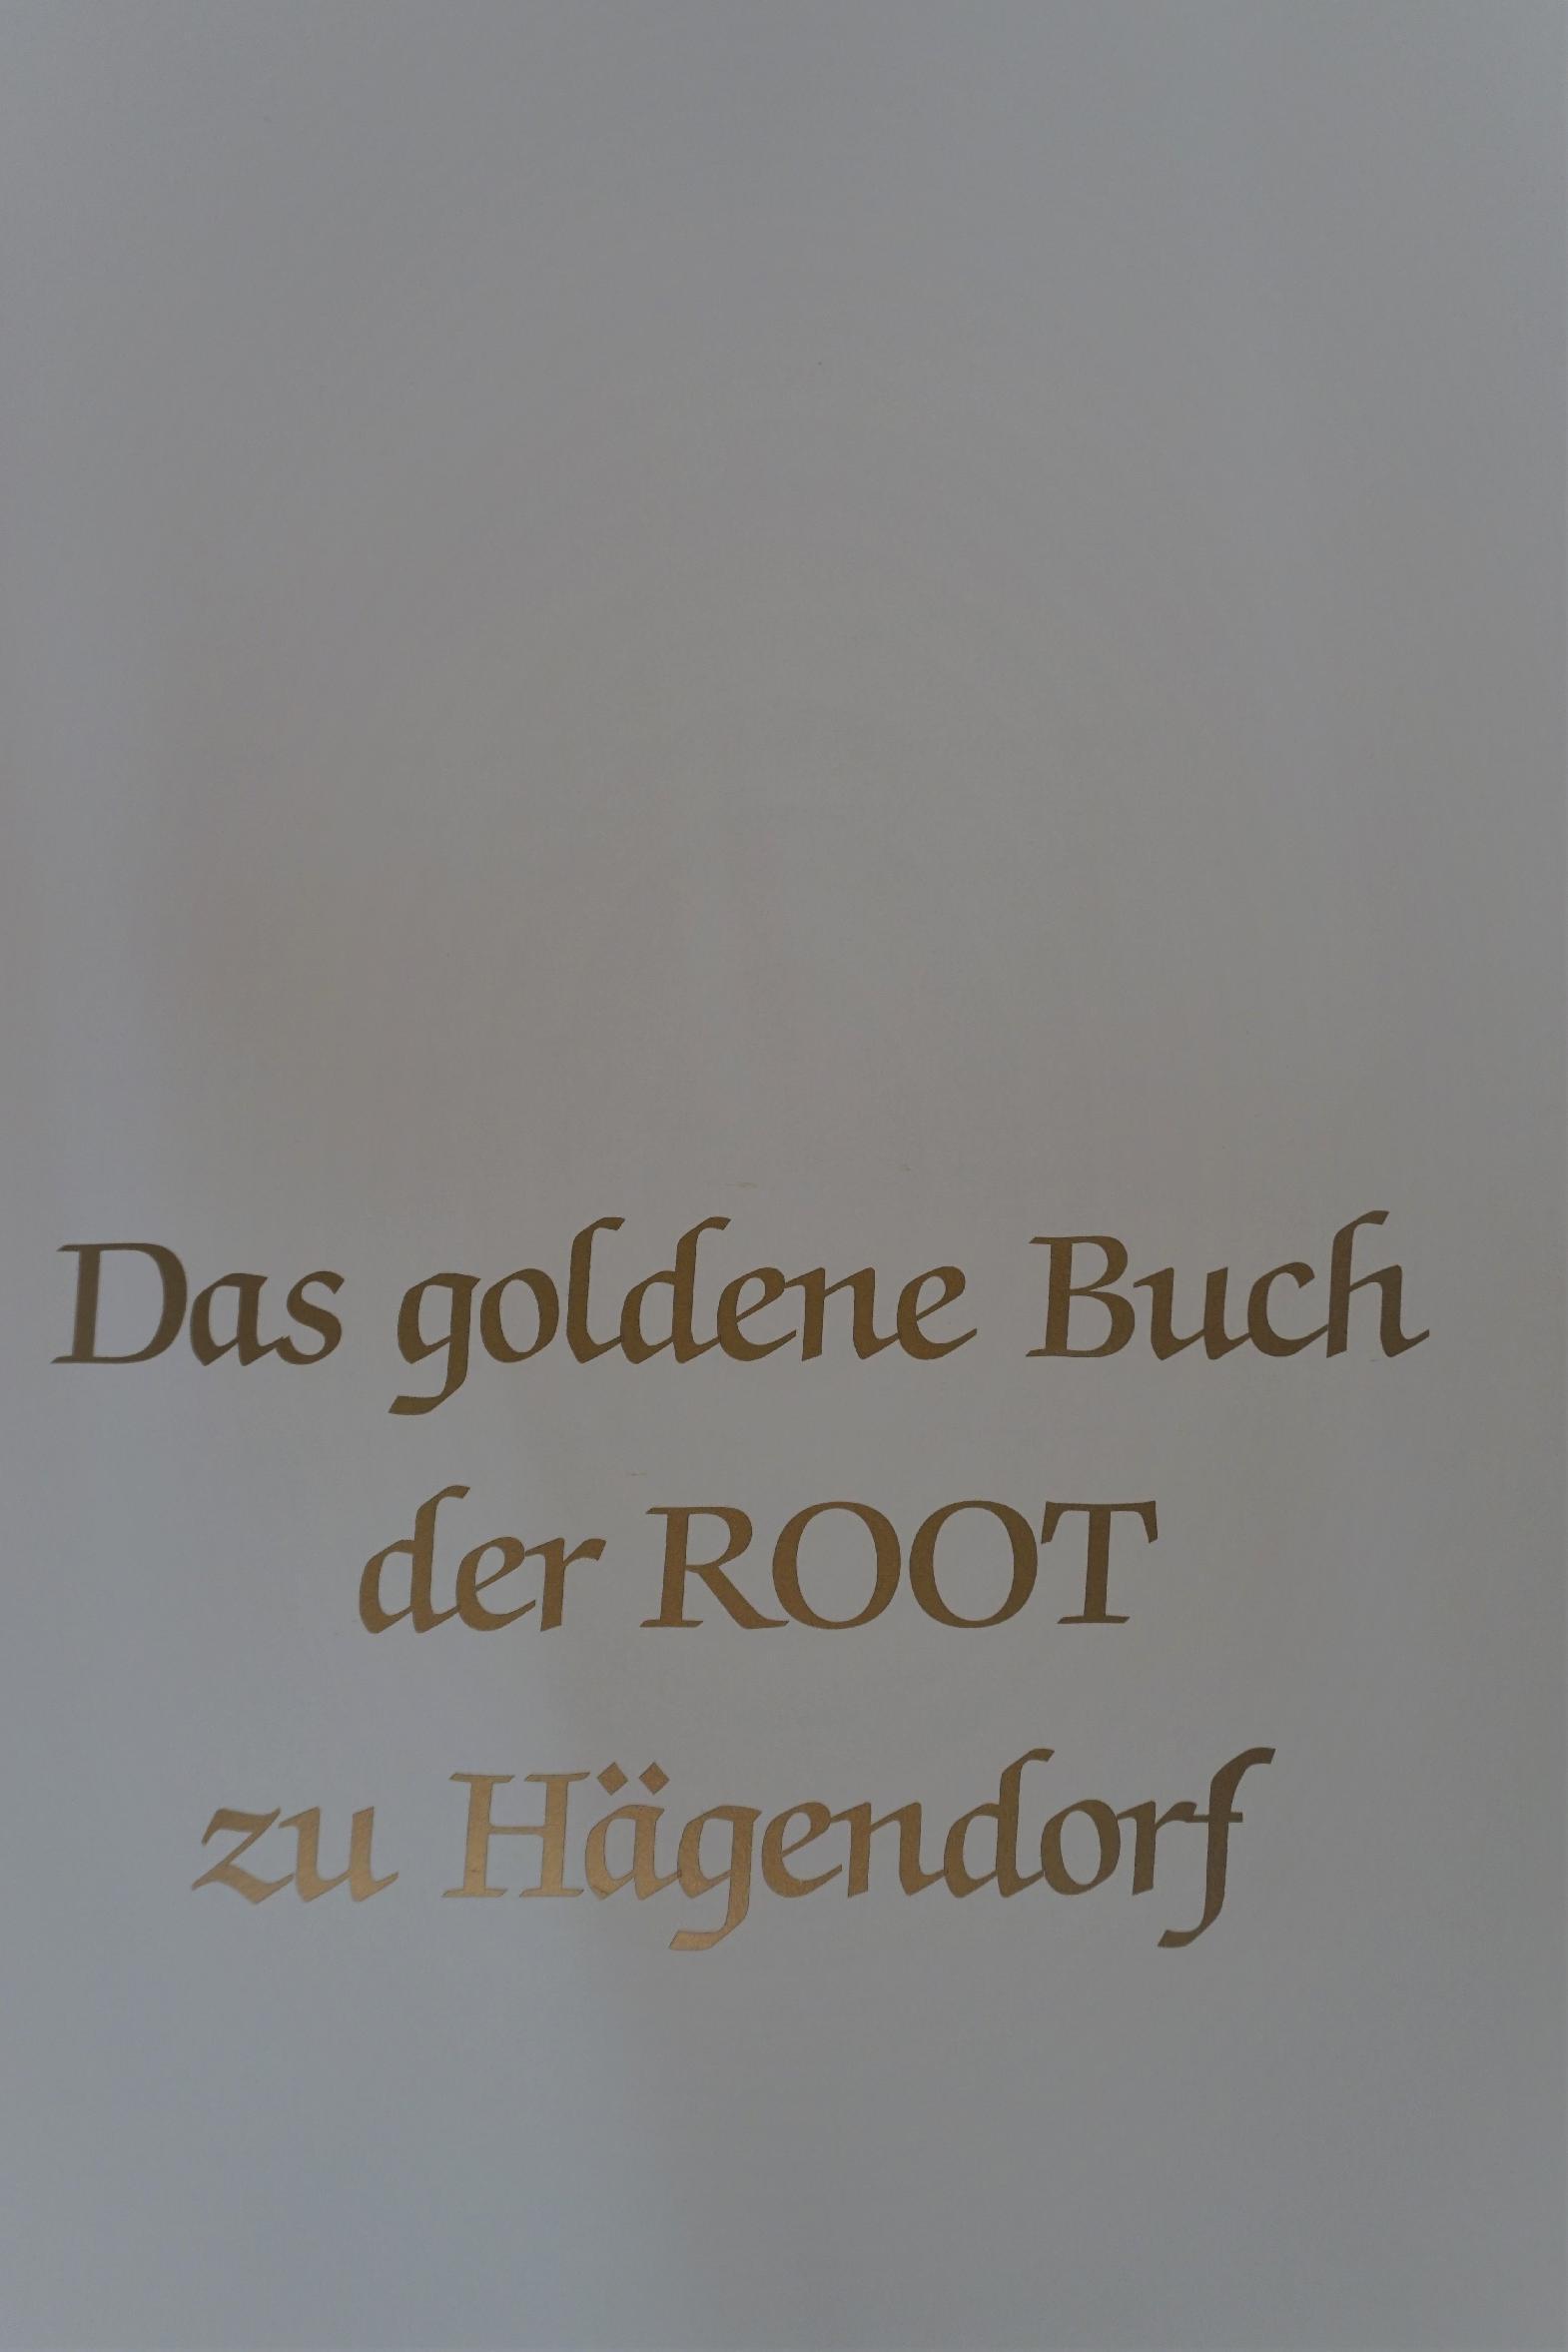 Das goldene Buch der Root zu Hägendorf